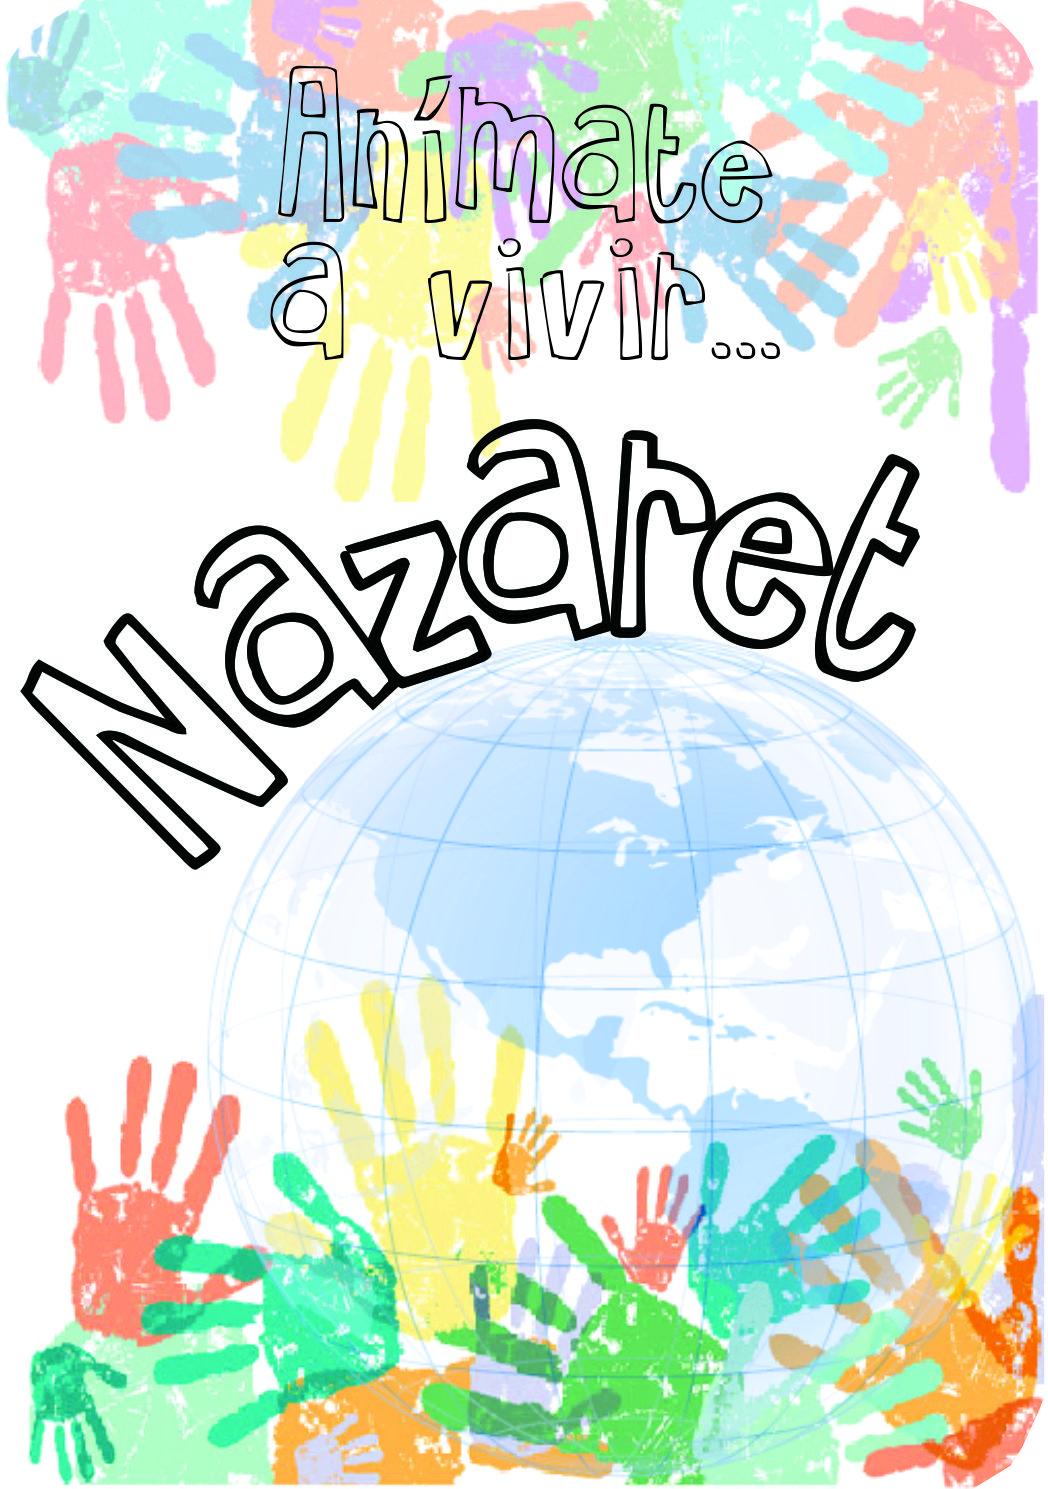 ¡Anímate a vivir Nazaret!